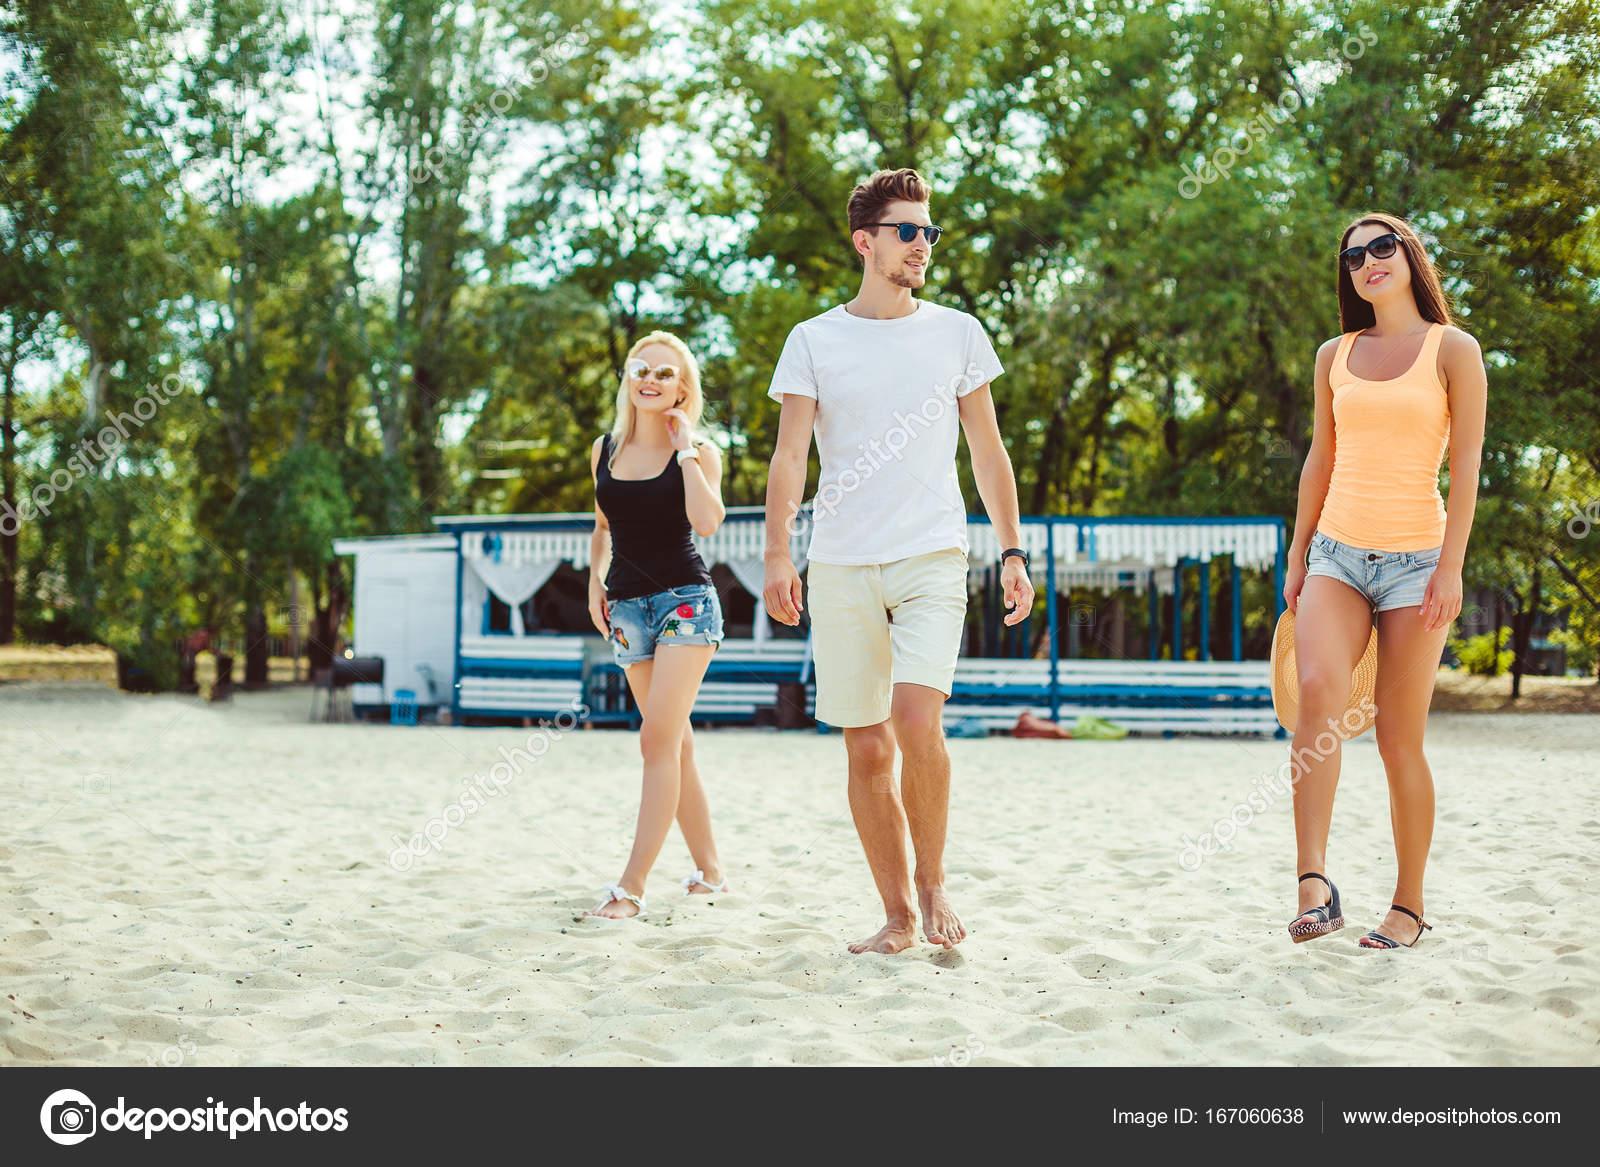 Sol En Gafas Divertidos Juntos Joven PlayaAmigos Chicos De La wOnP08kX